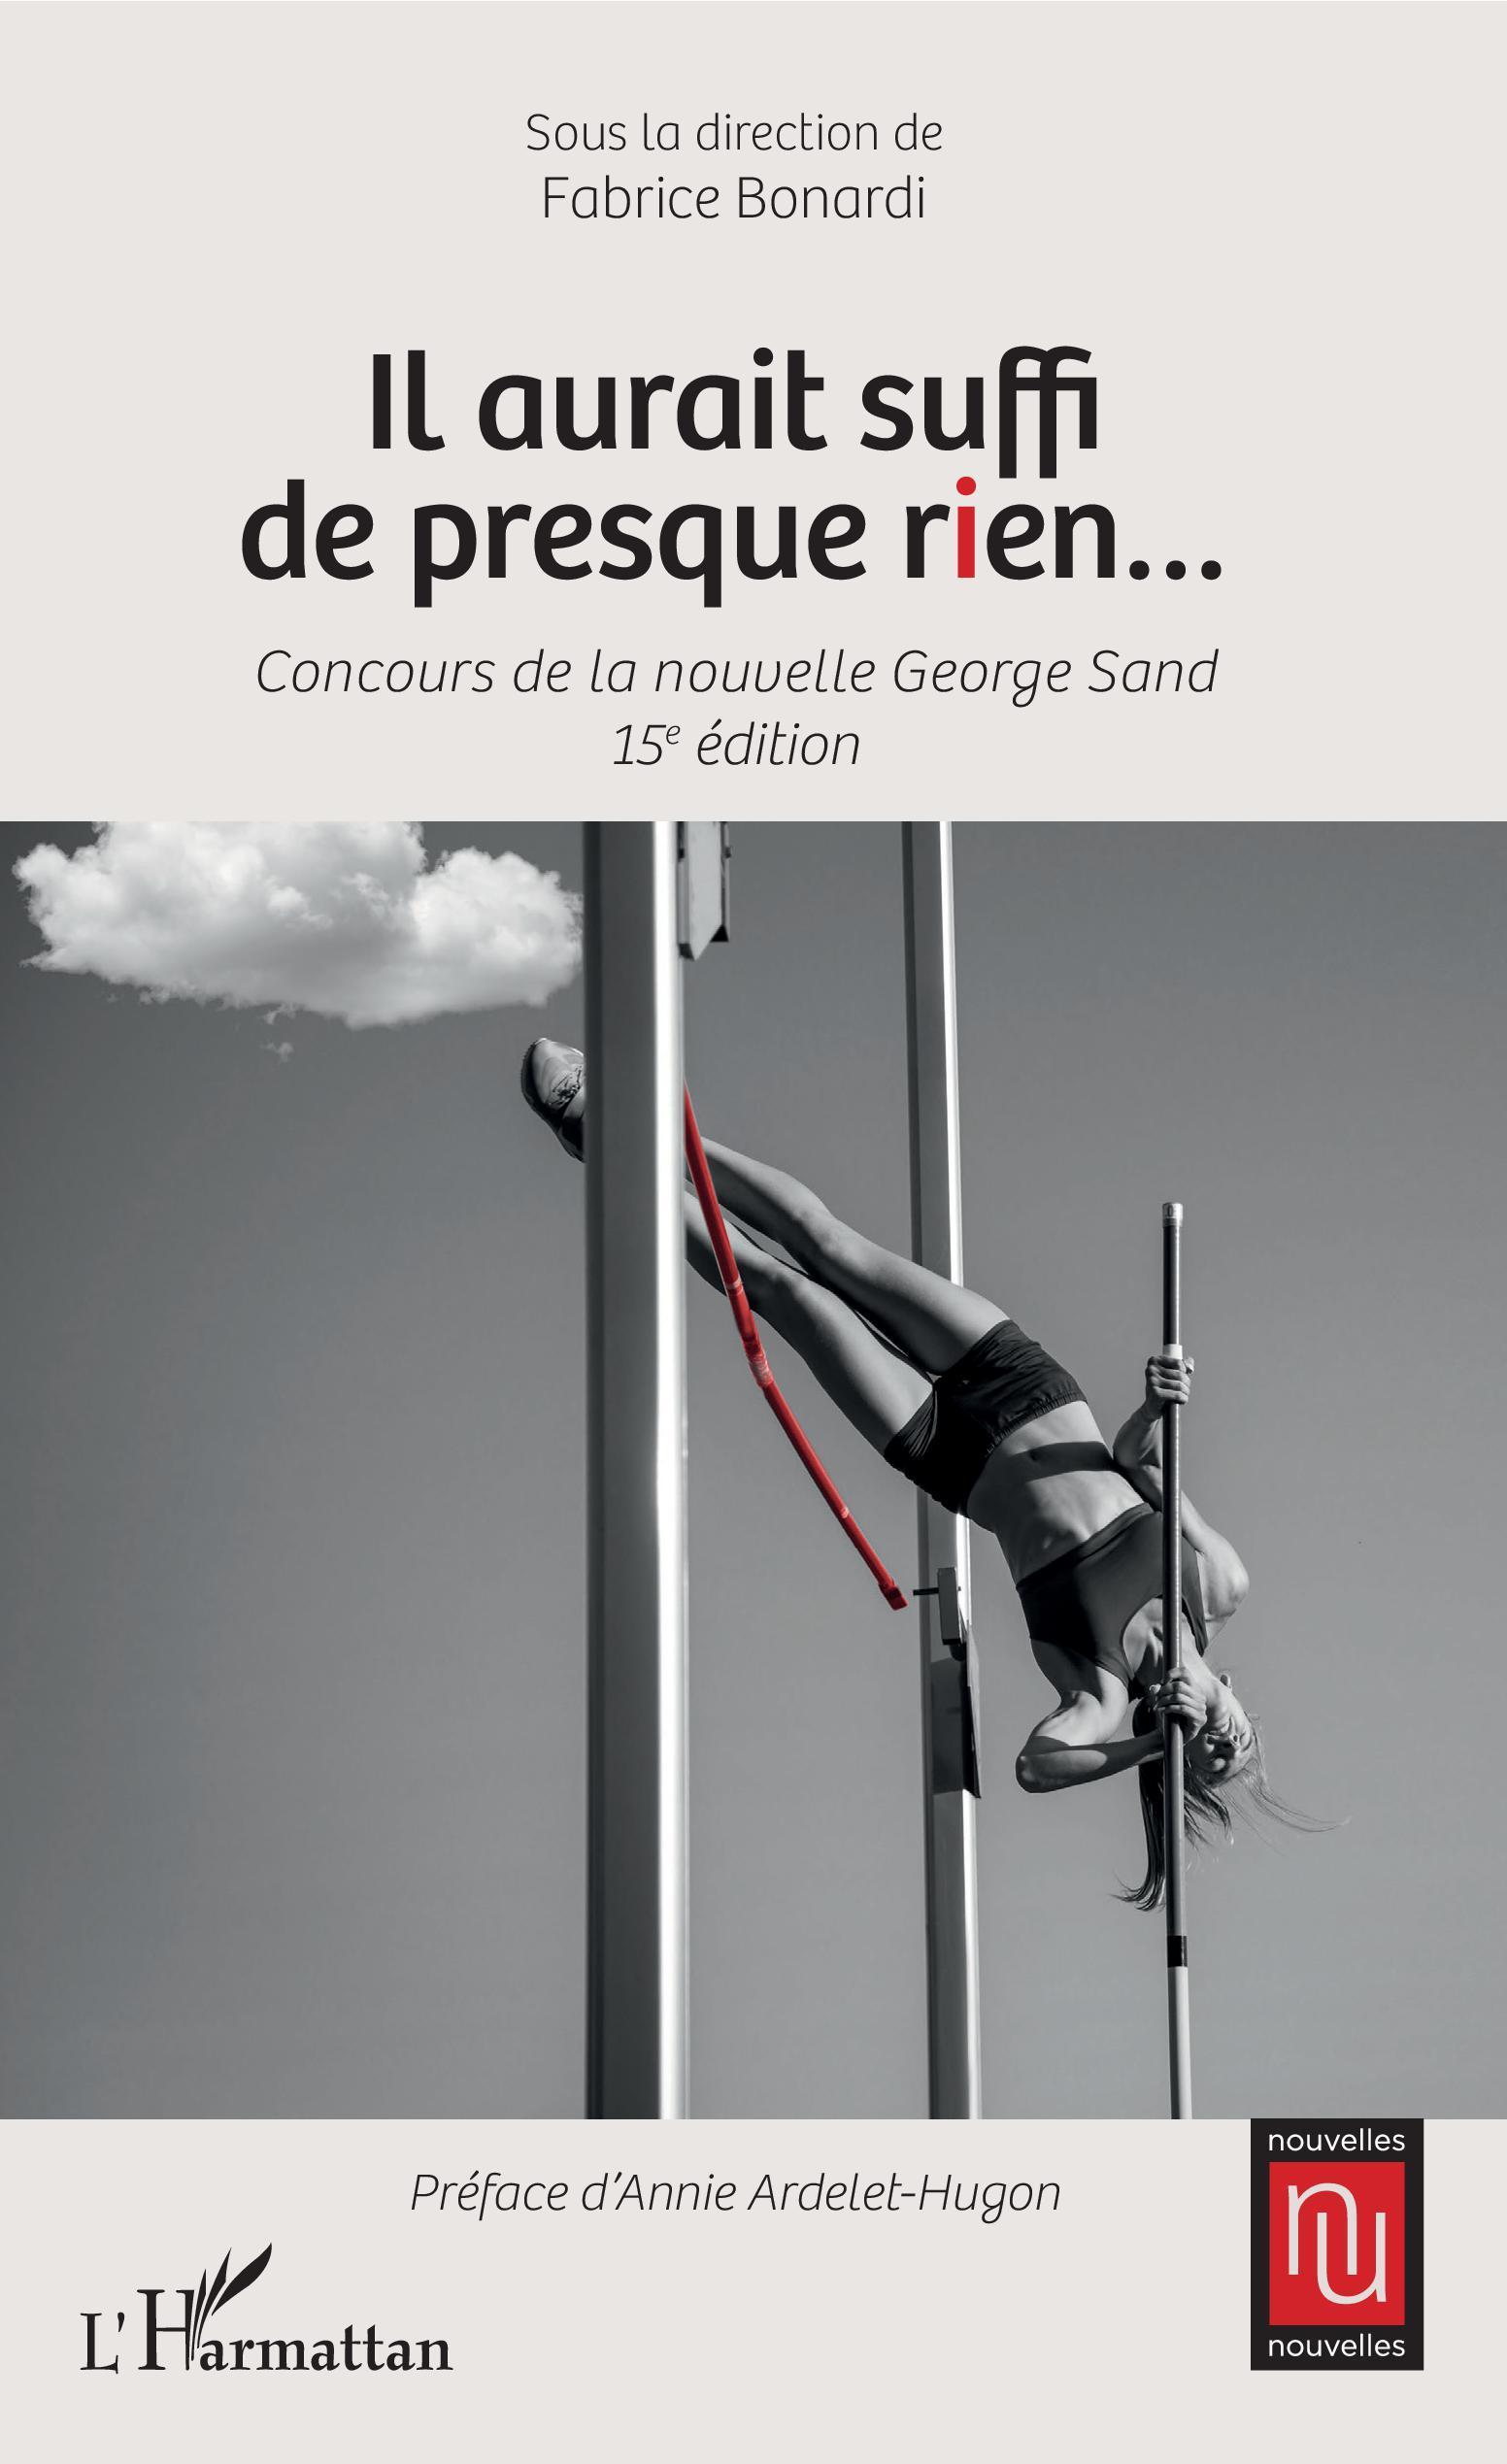 IL AURAIT SUFFI DE PRESQUE RIEN... - CONCOURS DE LA NOUVELLE GEORGE SAND 15E EDITION